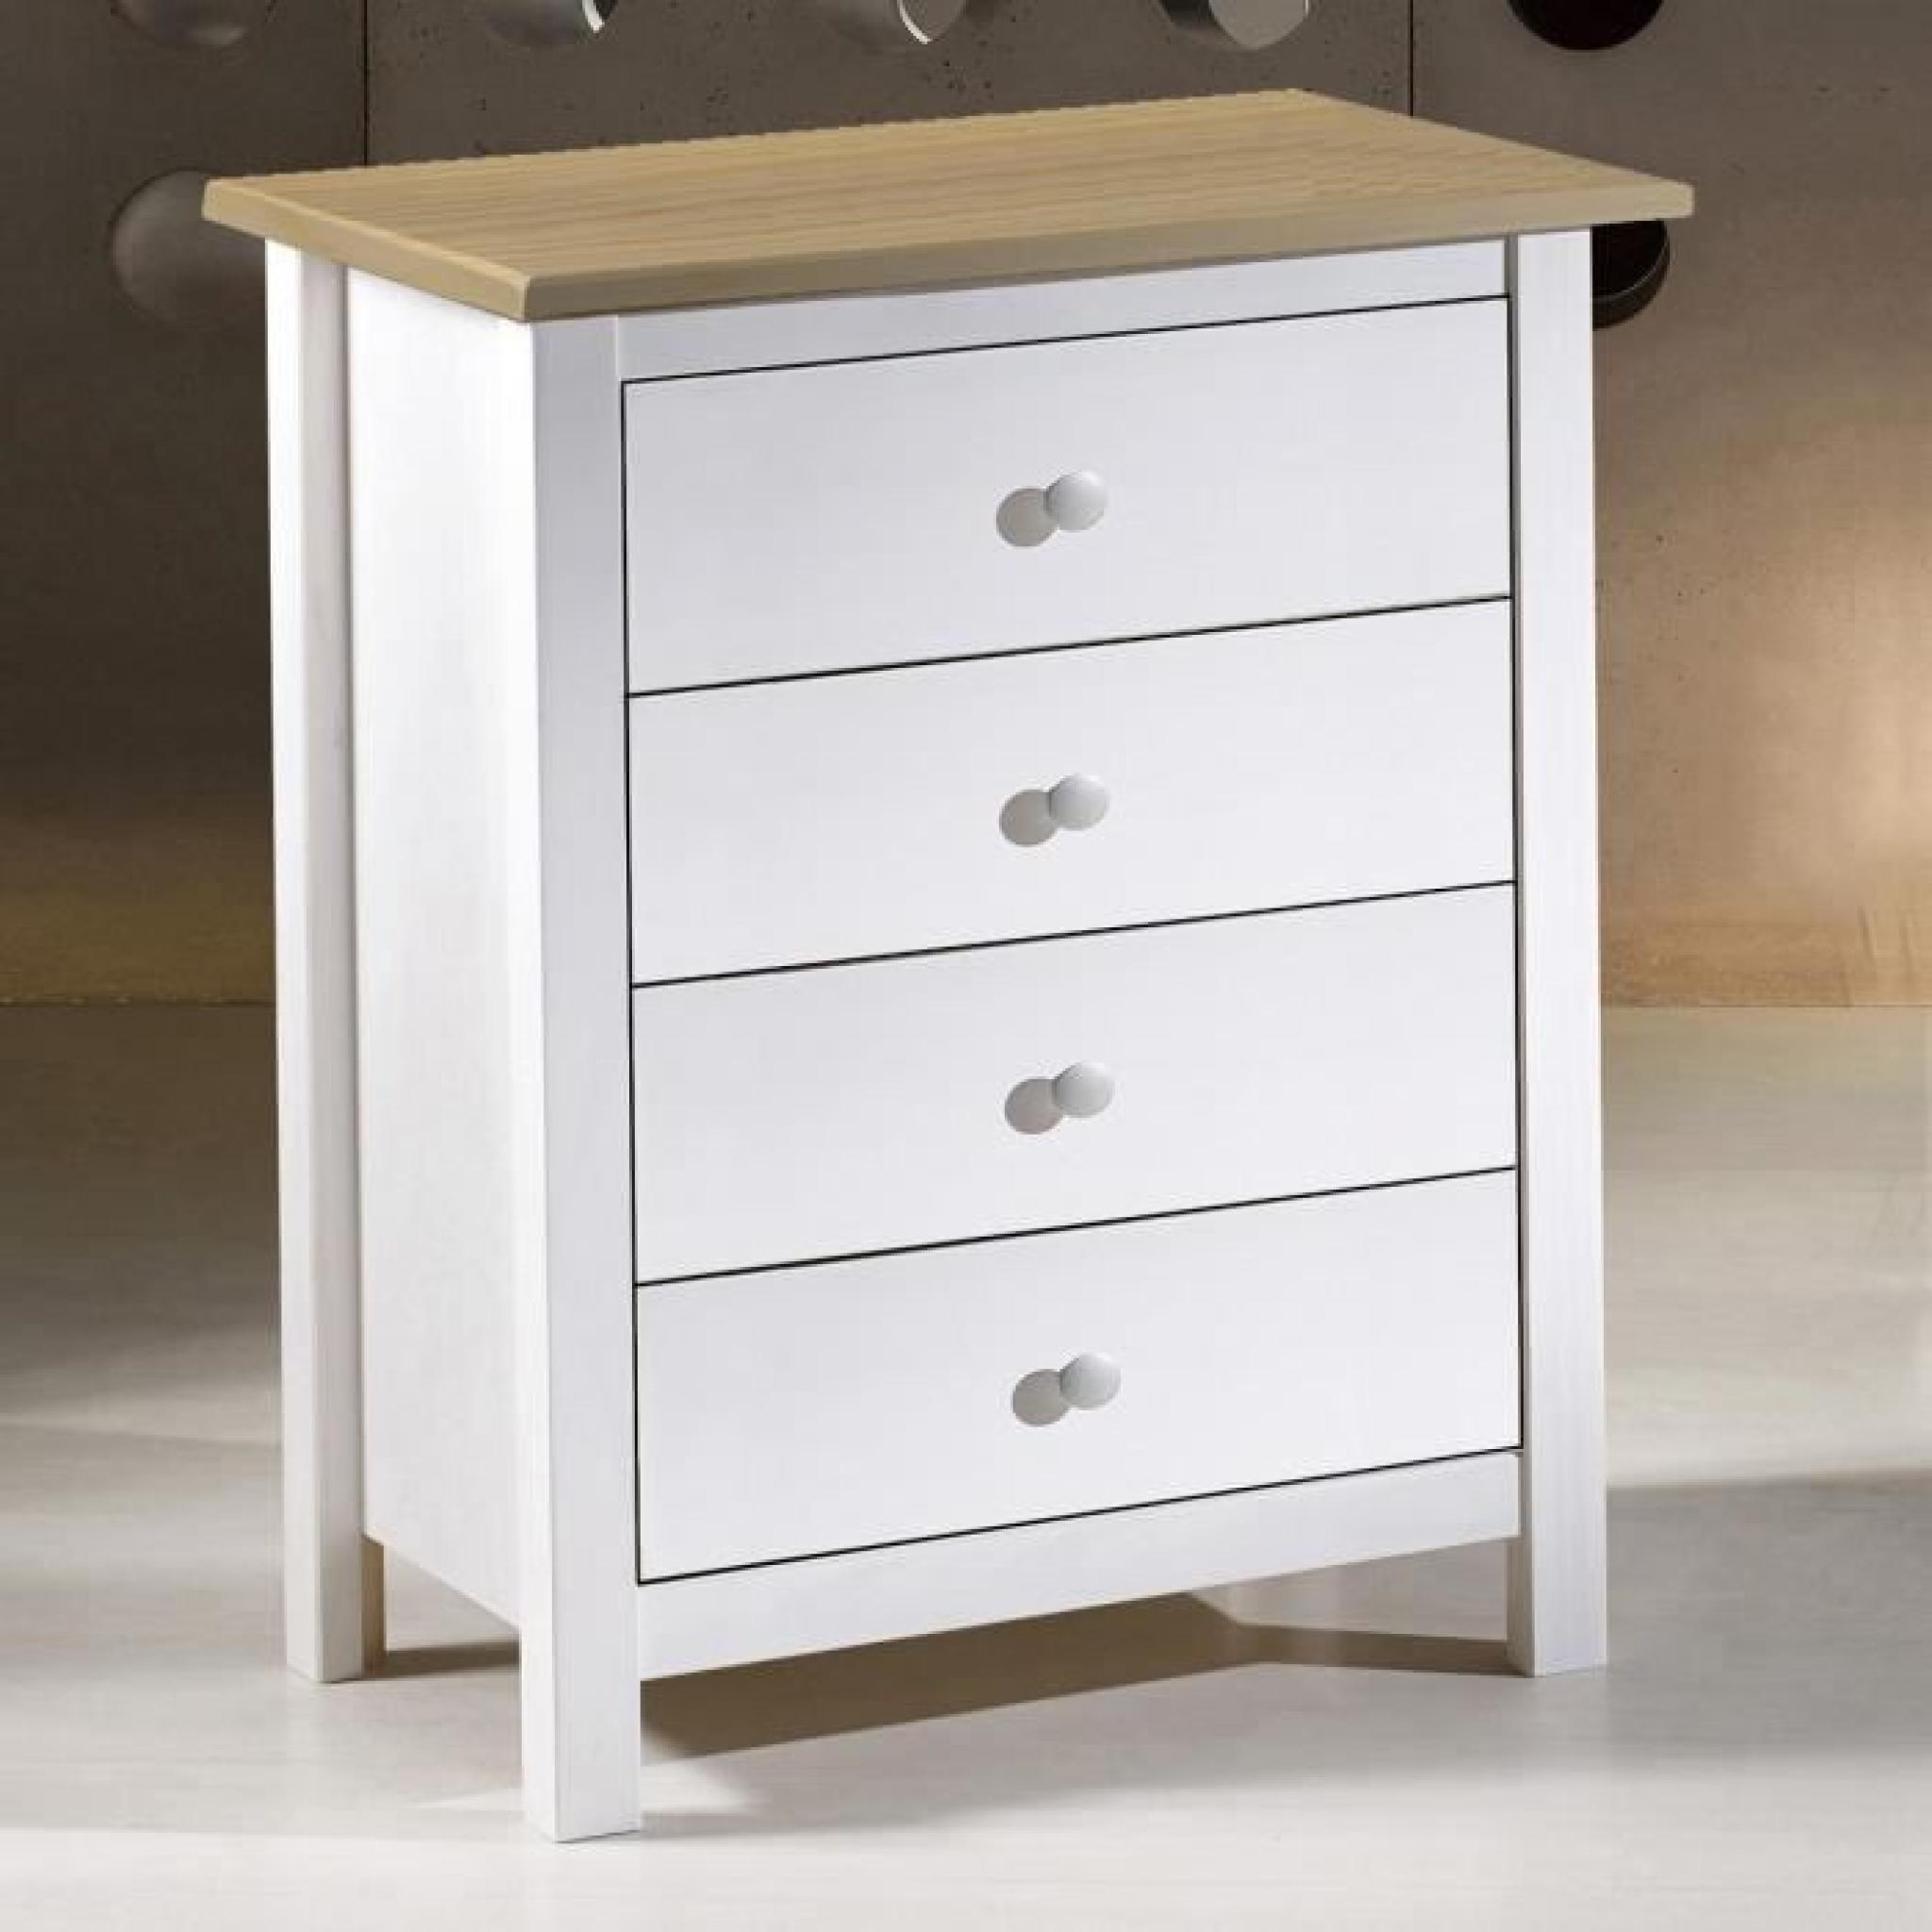 Commode 4 tiroirs pas cher - Commode design pas cher ...